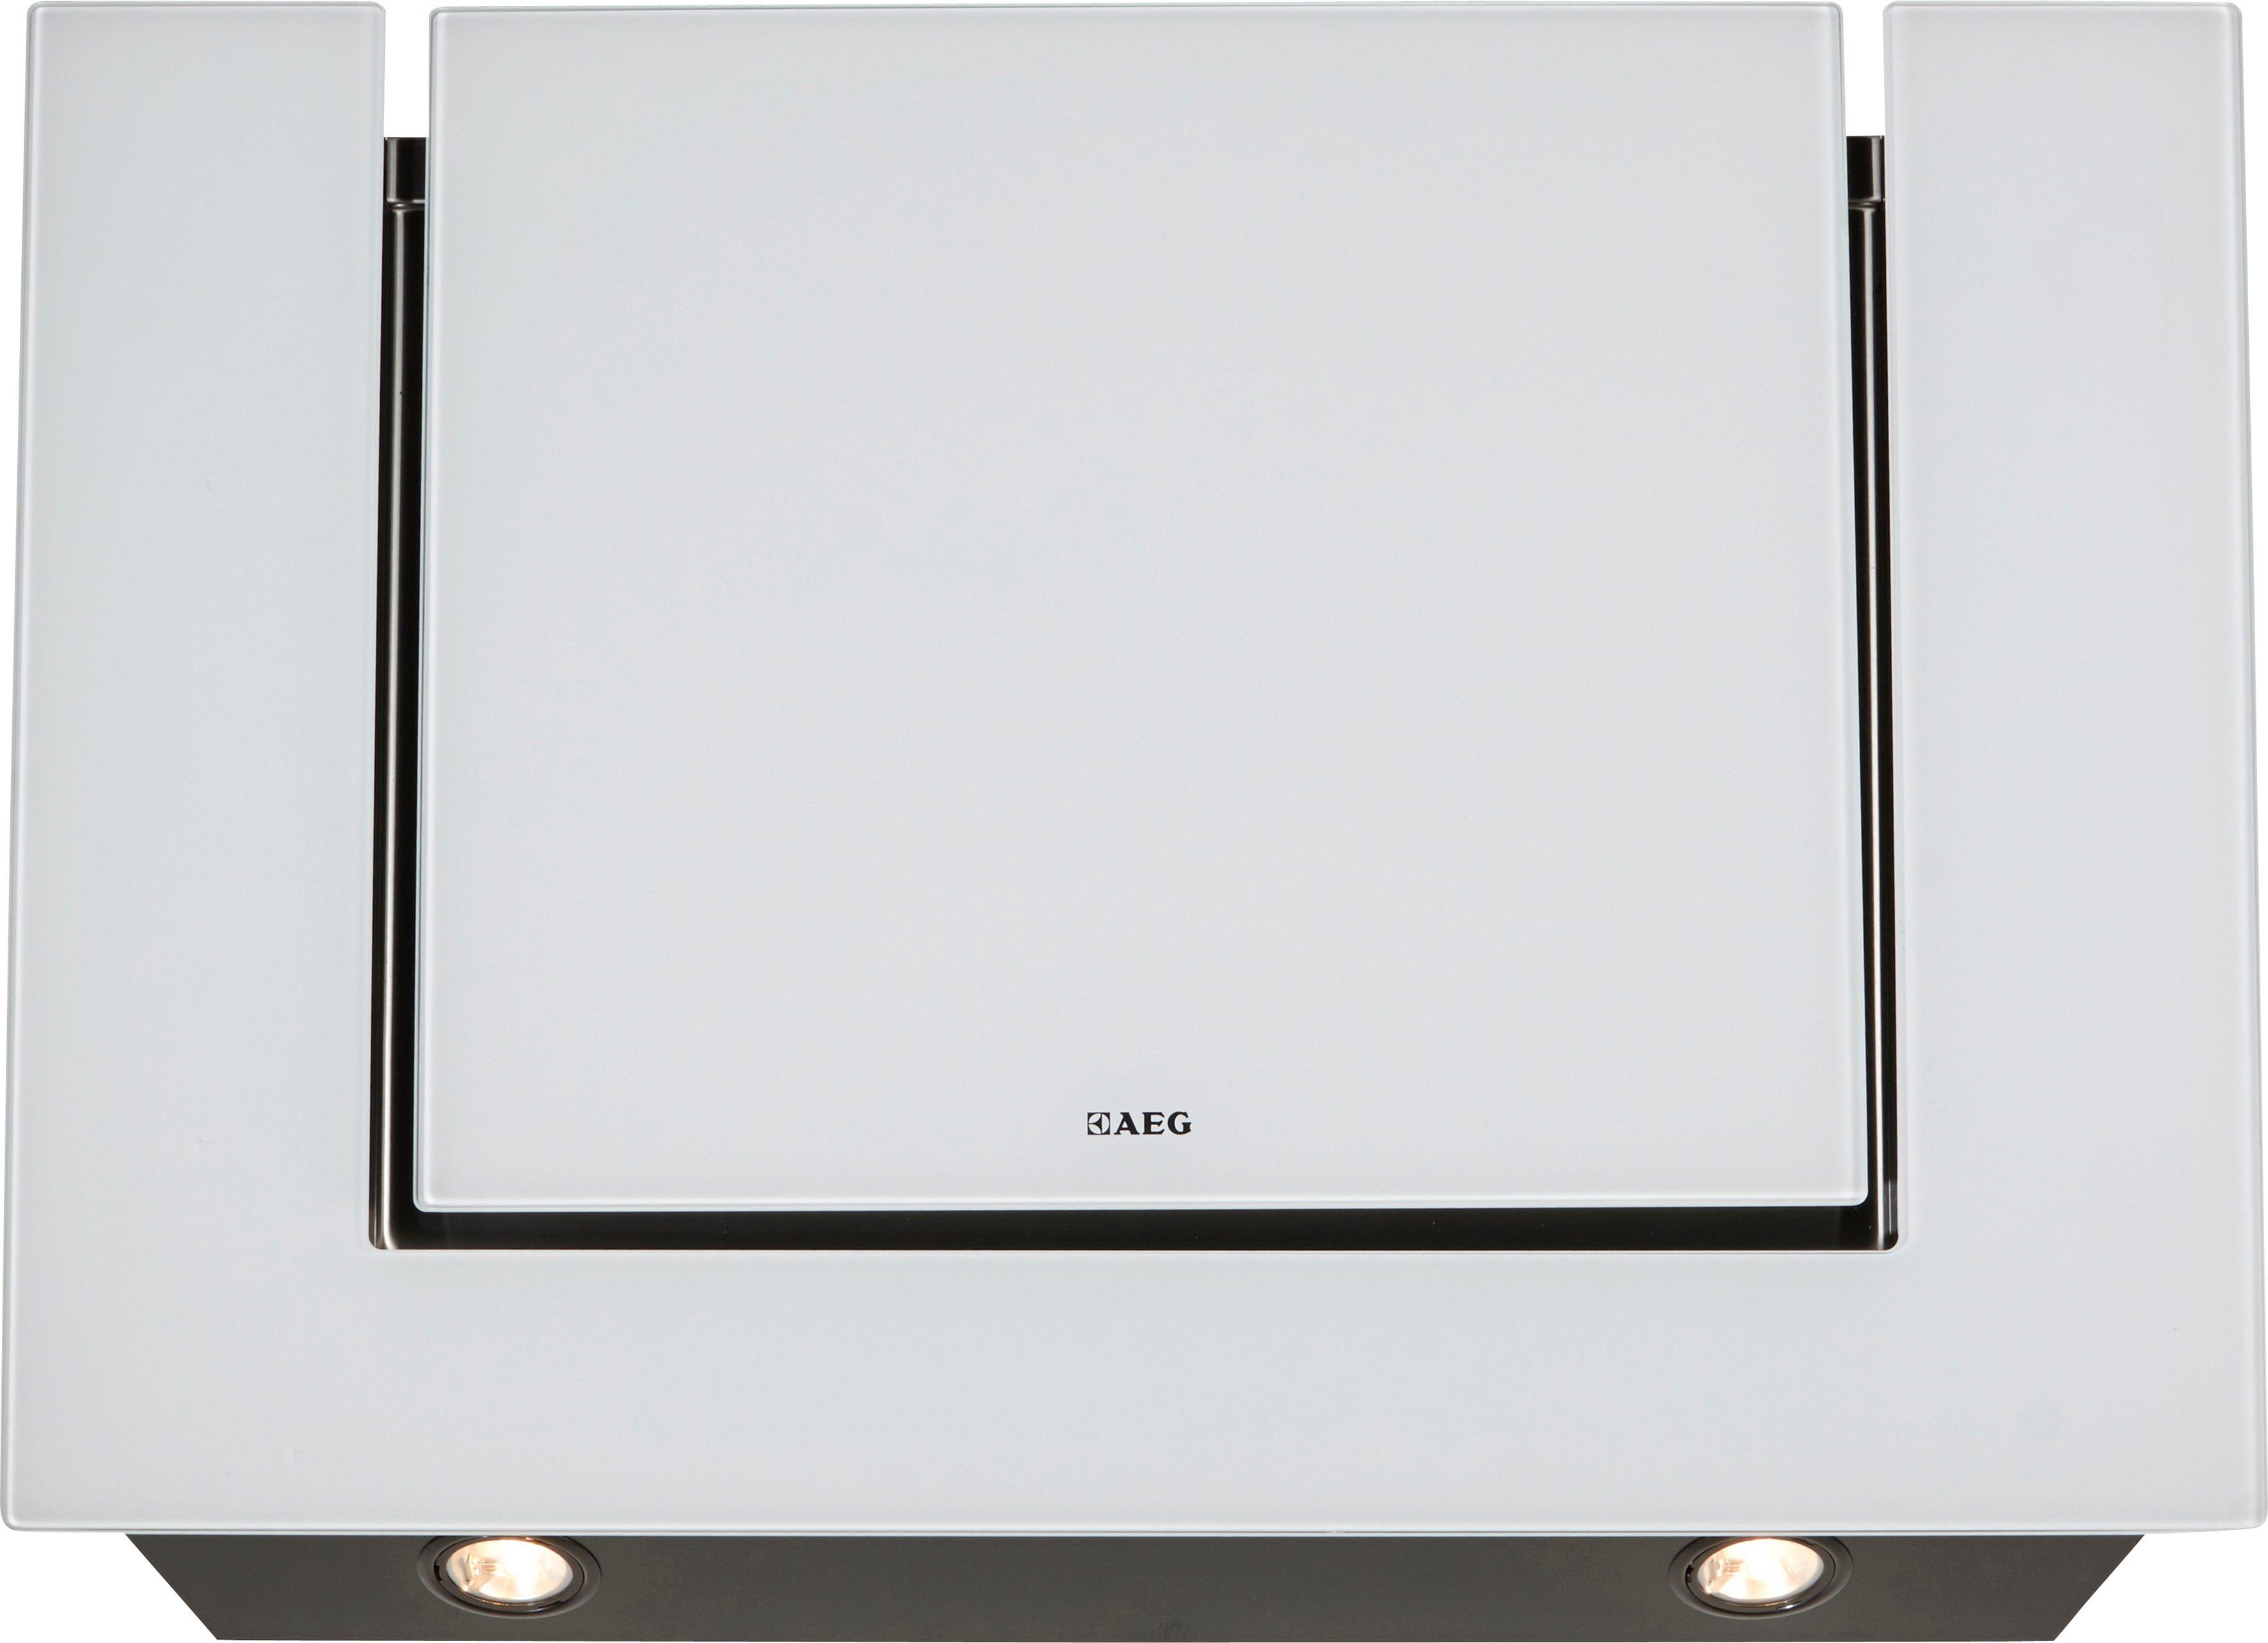 AEG Kopffreihaube COMPETENCE / X68163WV10